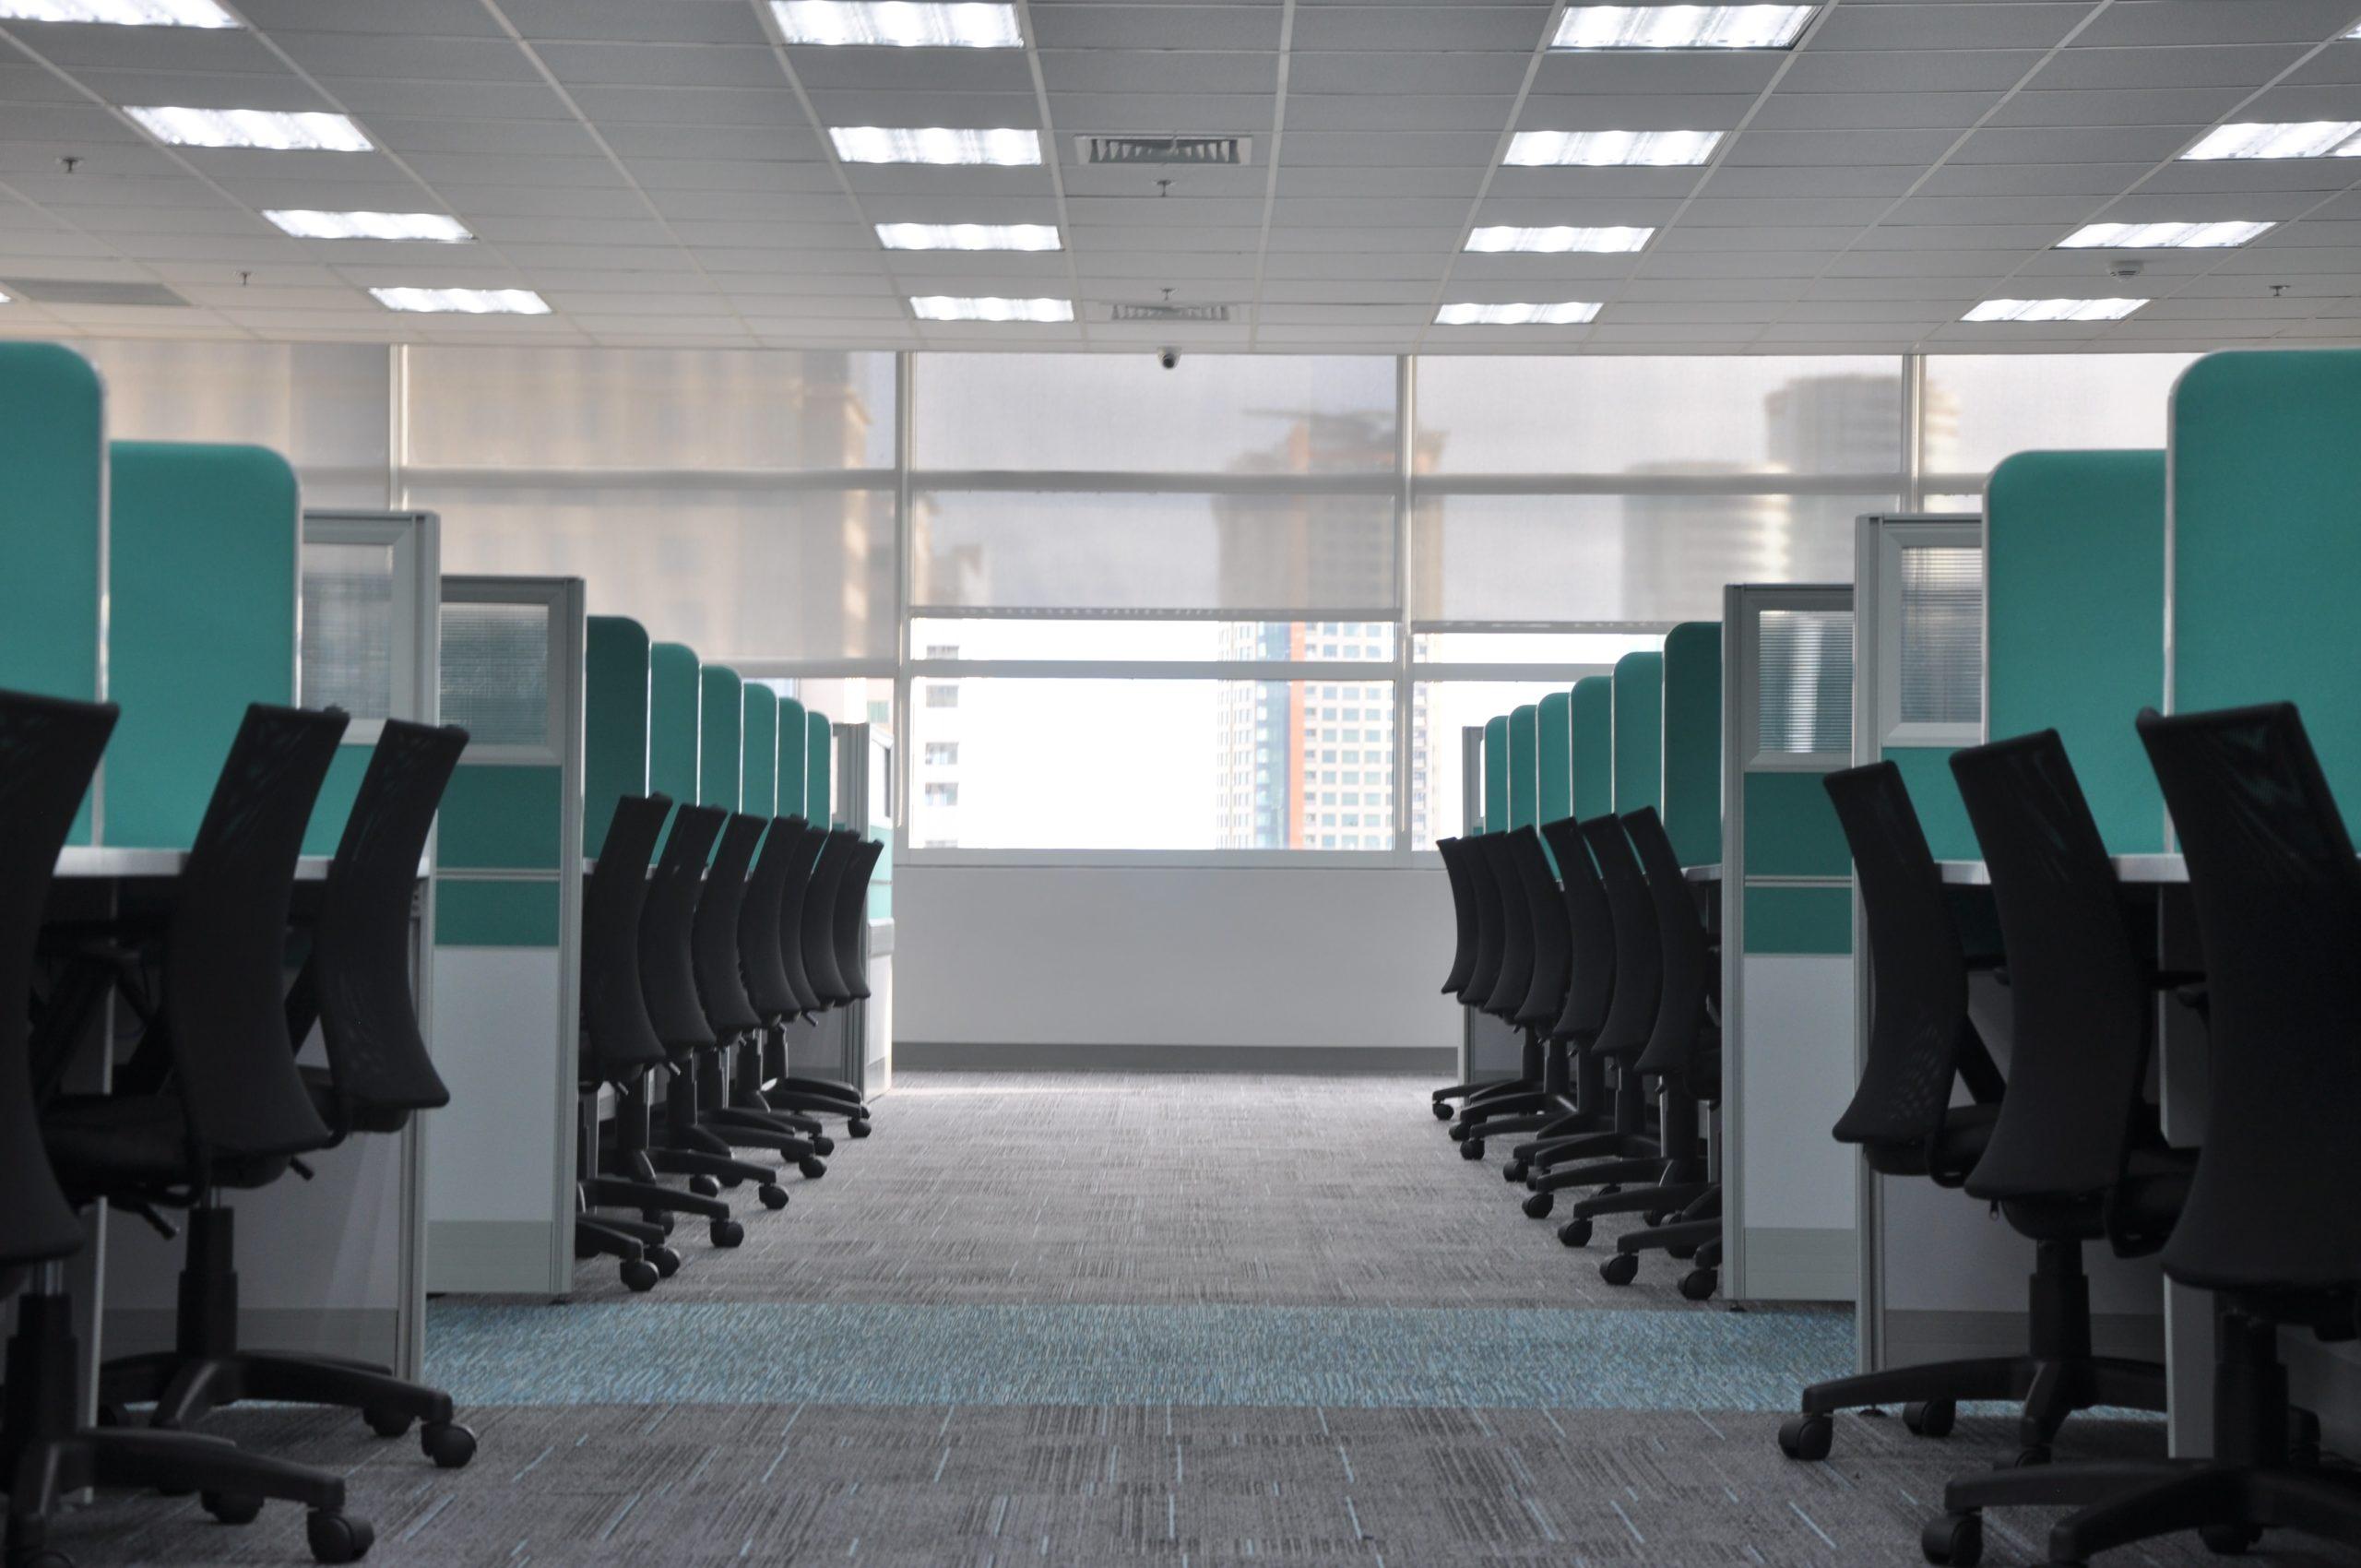 オフィスの移転・原状回復|オフィス原状回復豆知識|オフィス原状回復の高額請求を防ぐ具体的な対策|オージェント